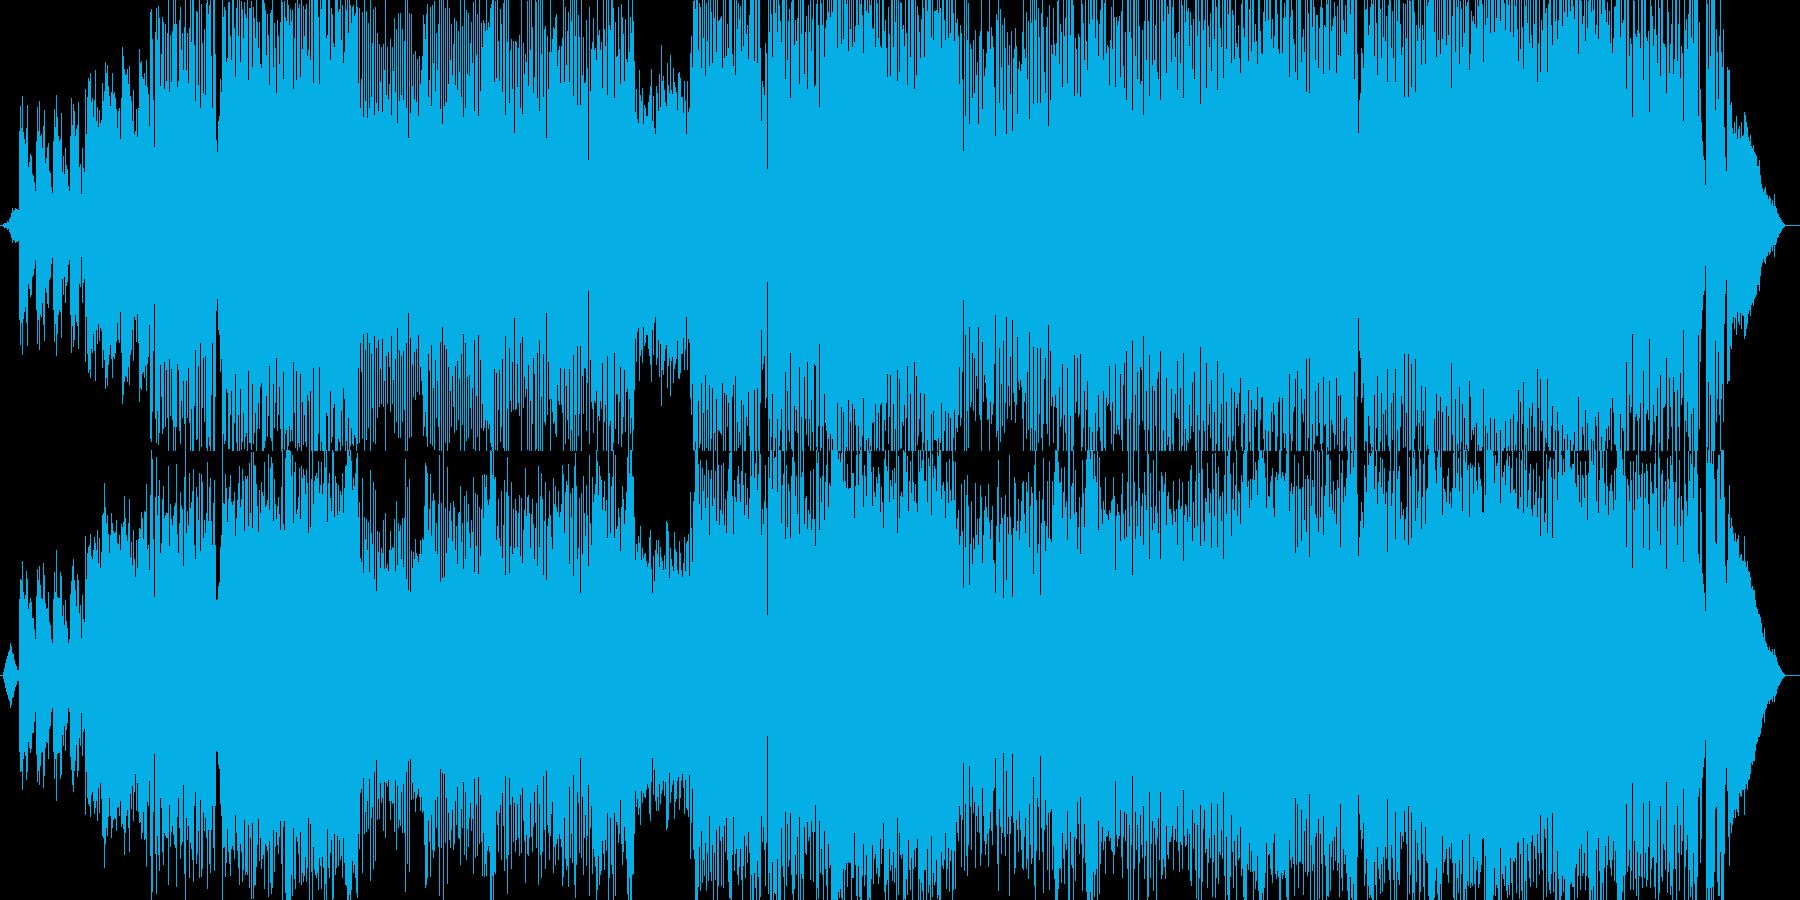 情緒的なイントロからのエモハードロック!の再生済みの波形